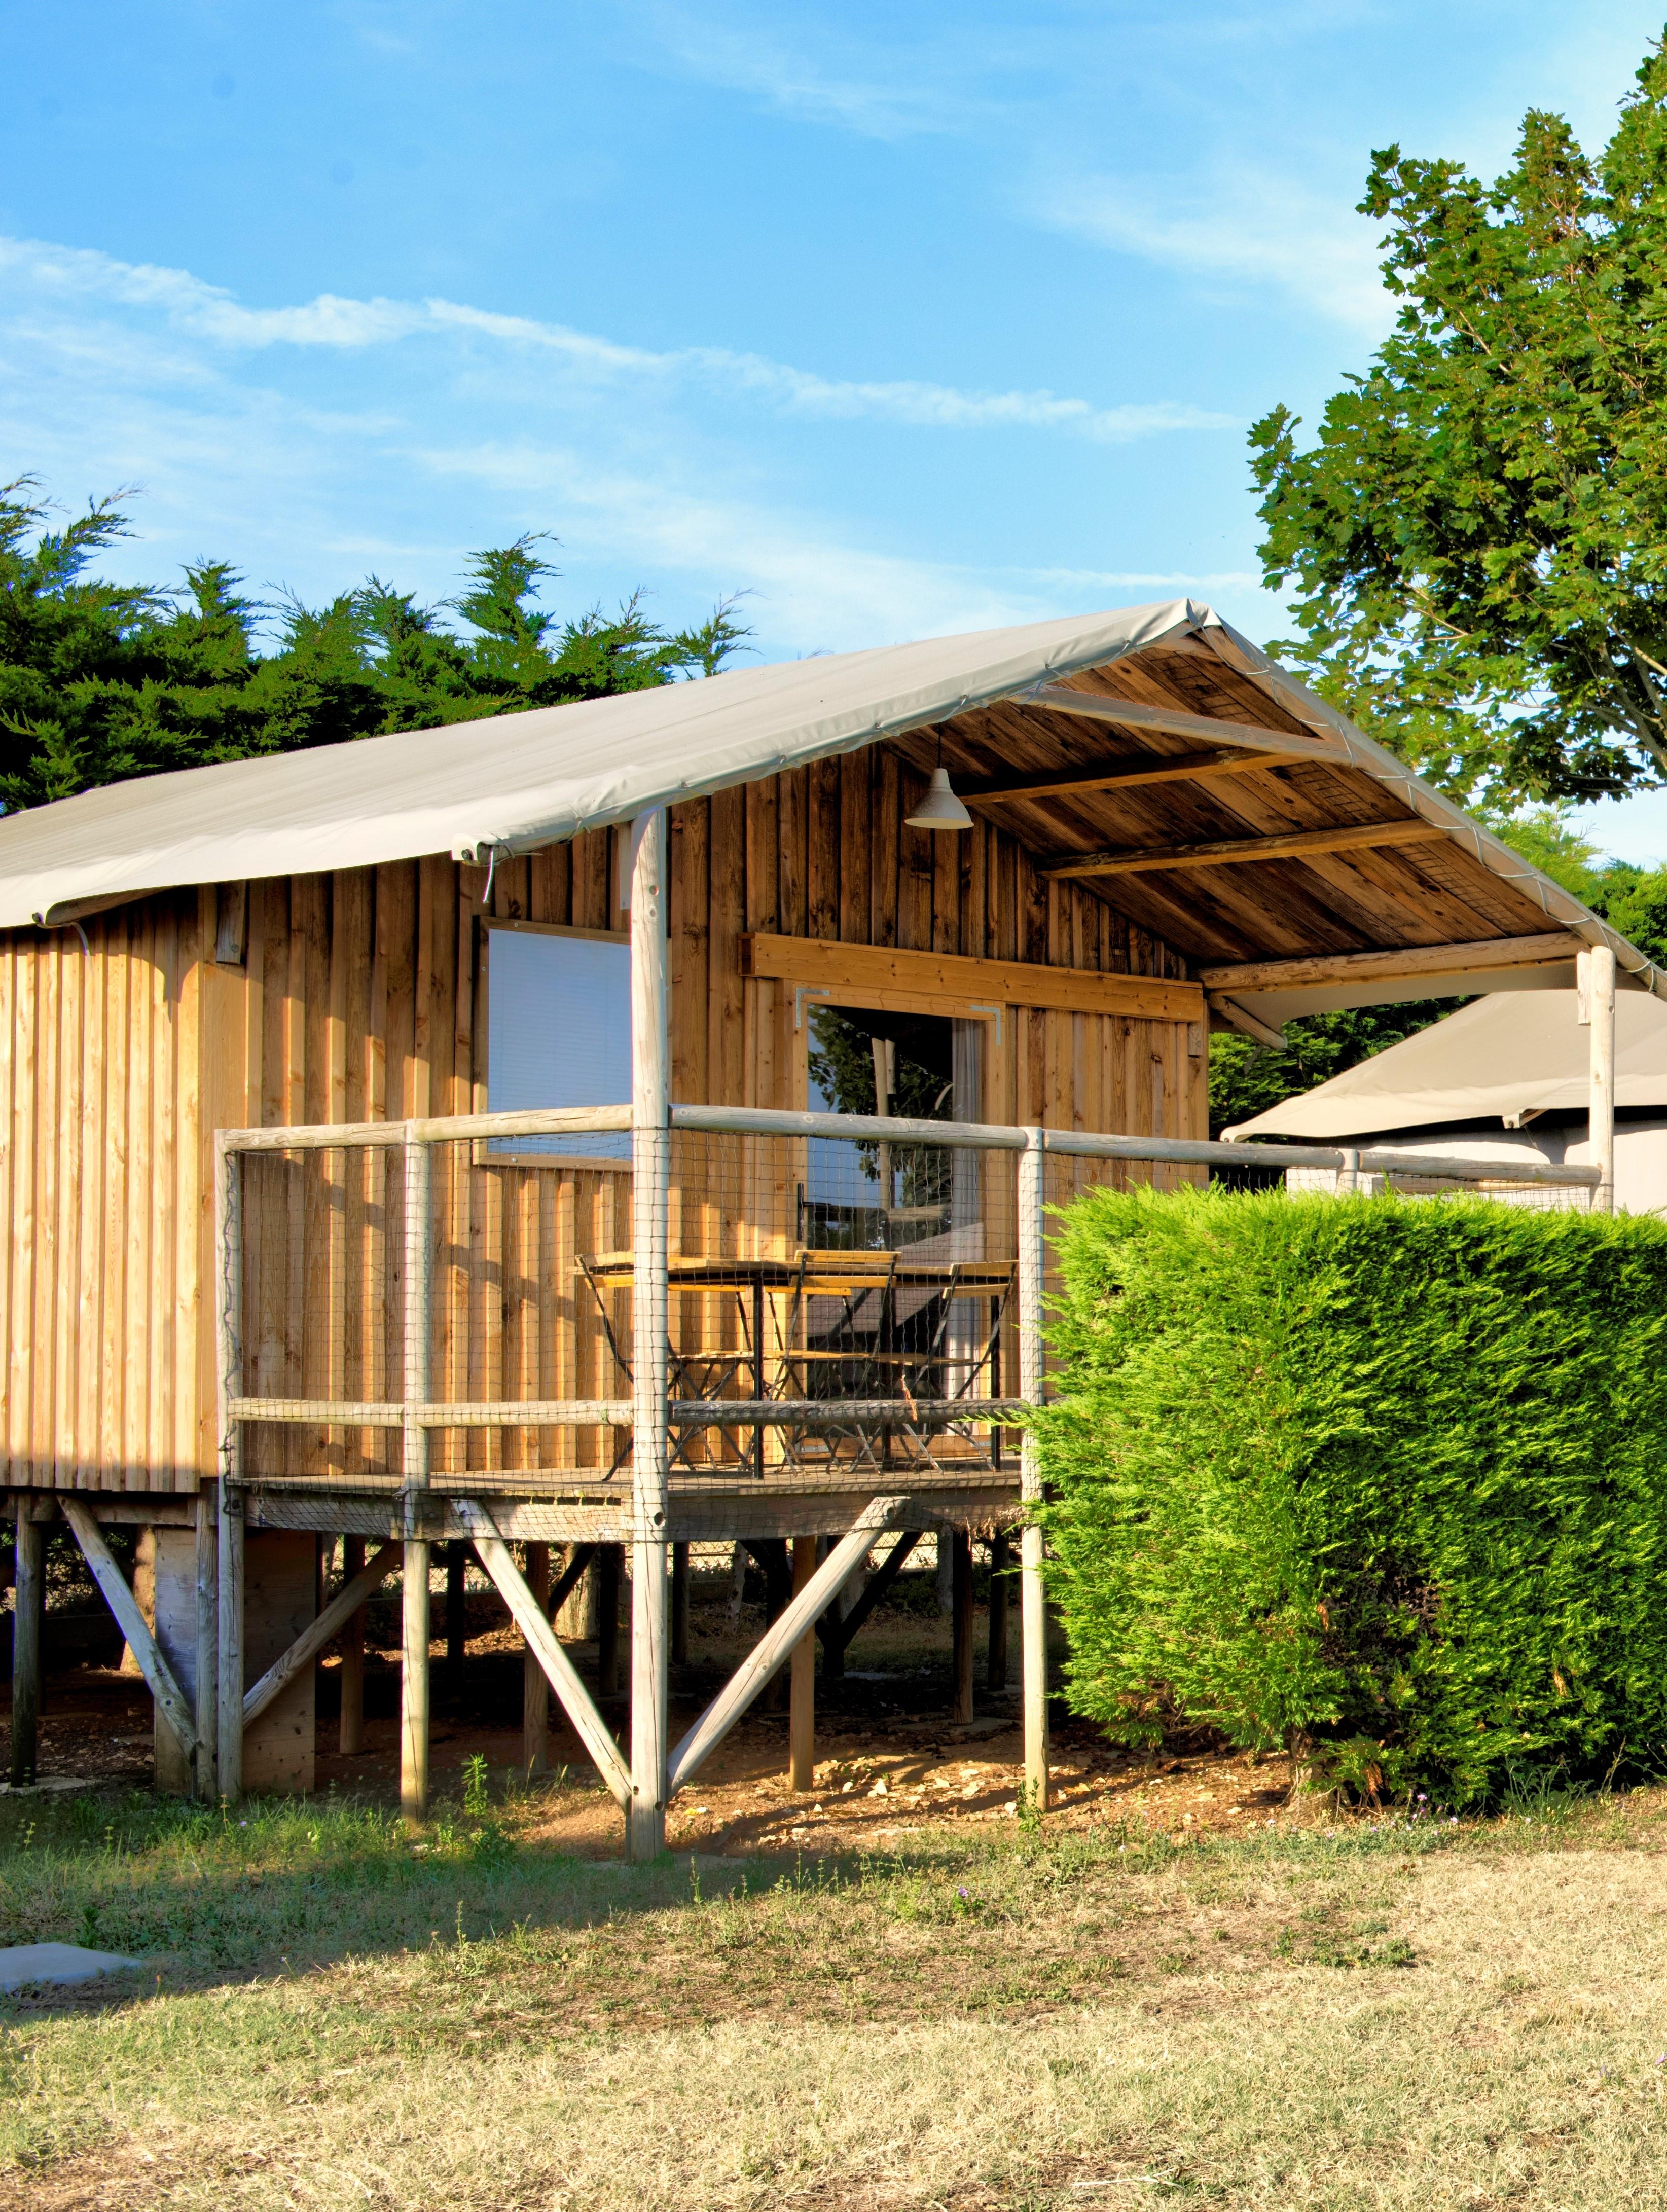 Location - Cabane Lodge Sur Pilotis Confort 34M² (2 Chambres) Tv Dont Terrasse Couverte 11M² - Camping Les Ilates